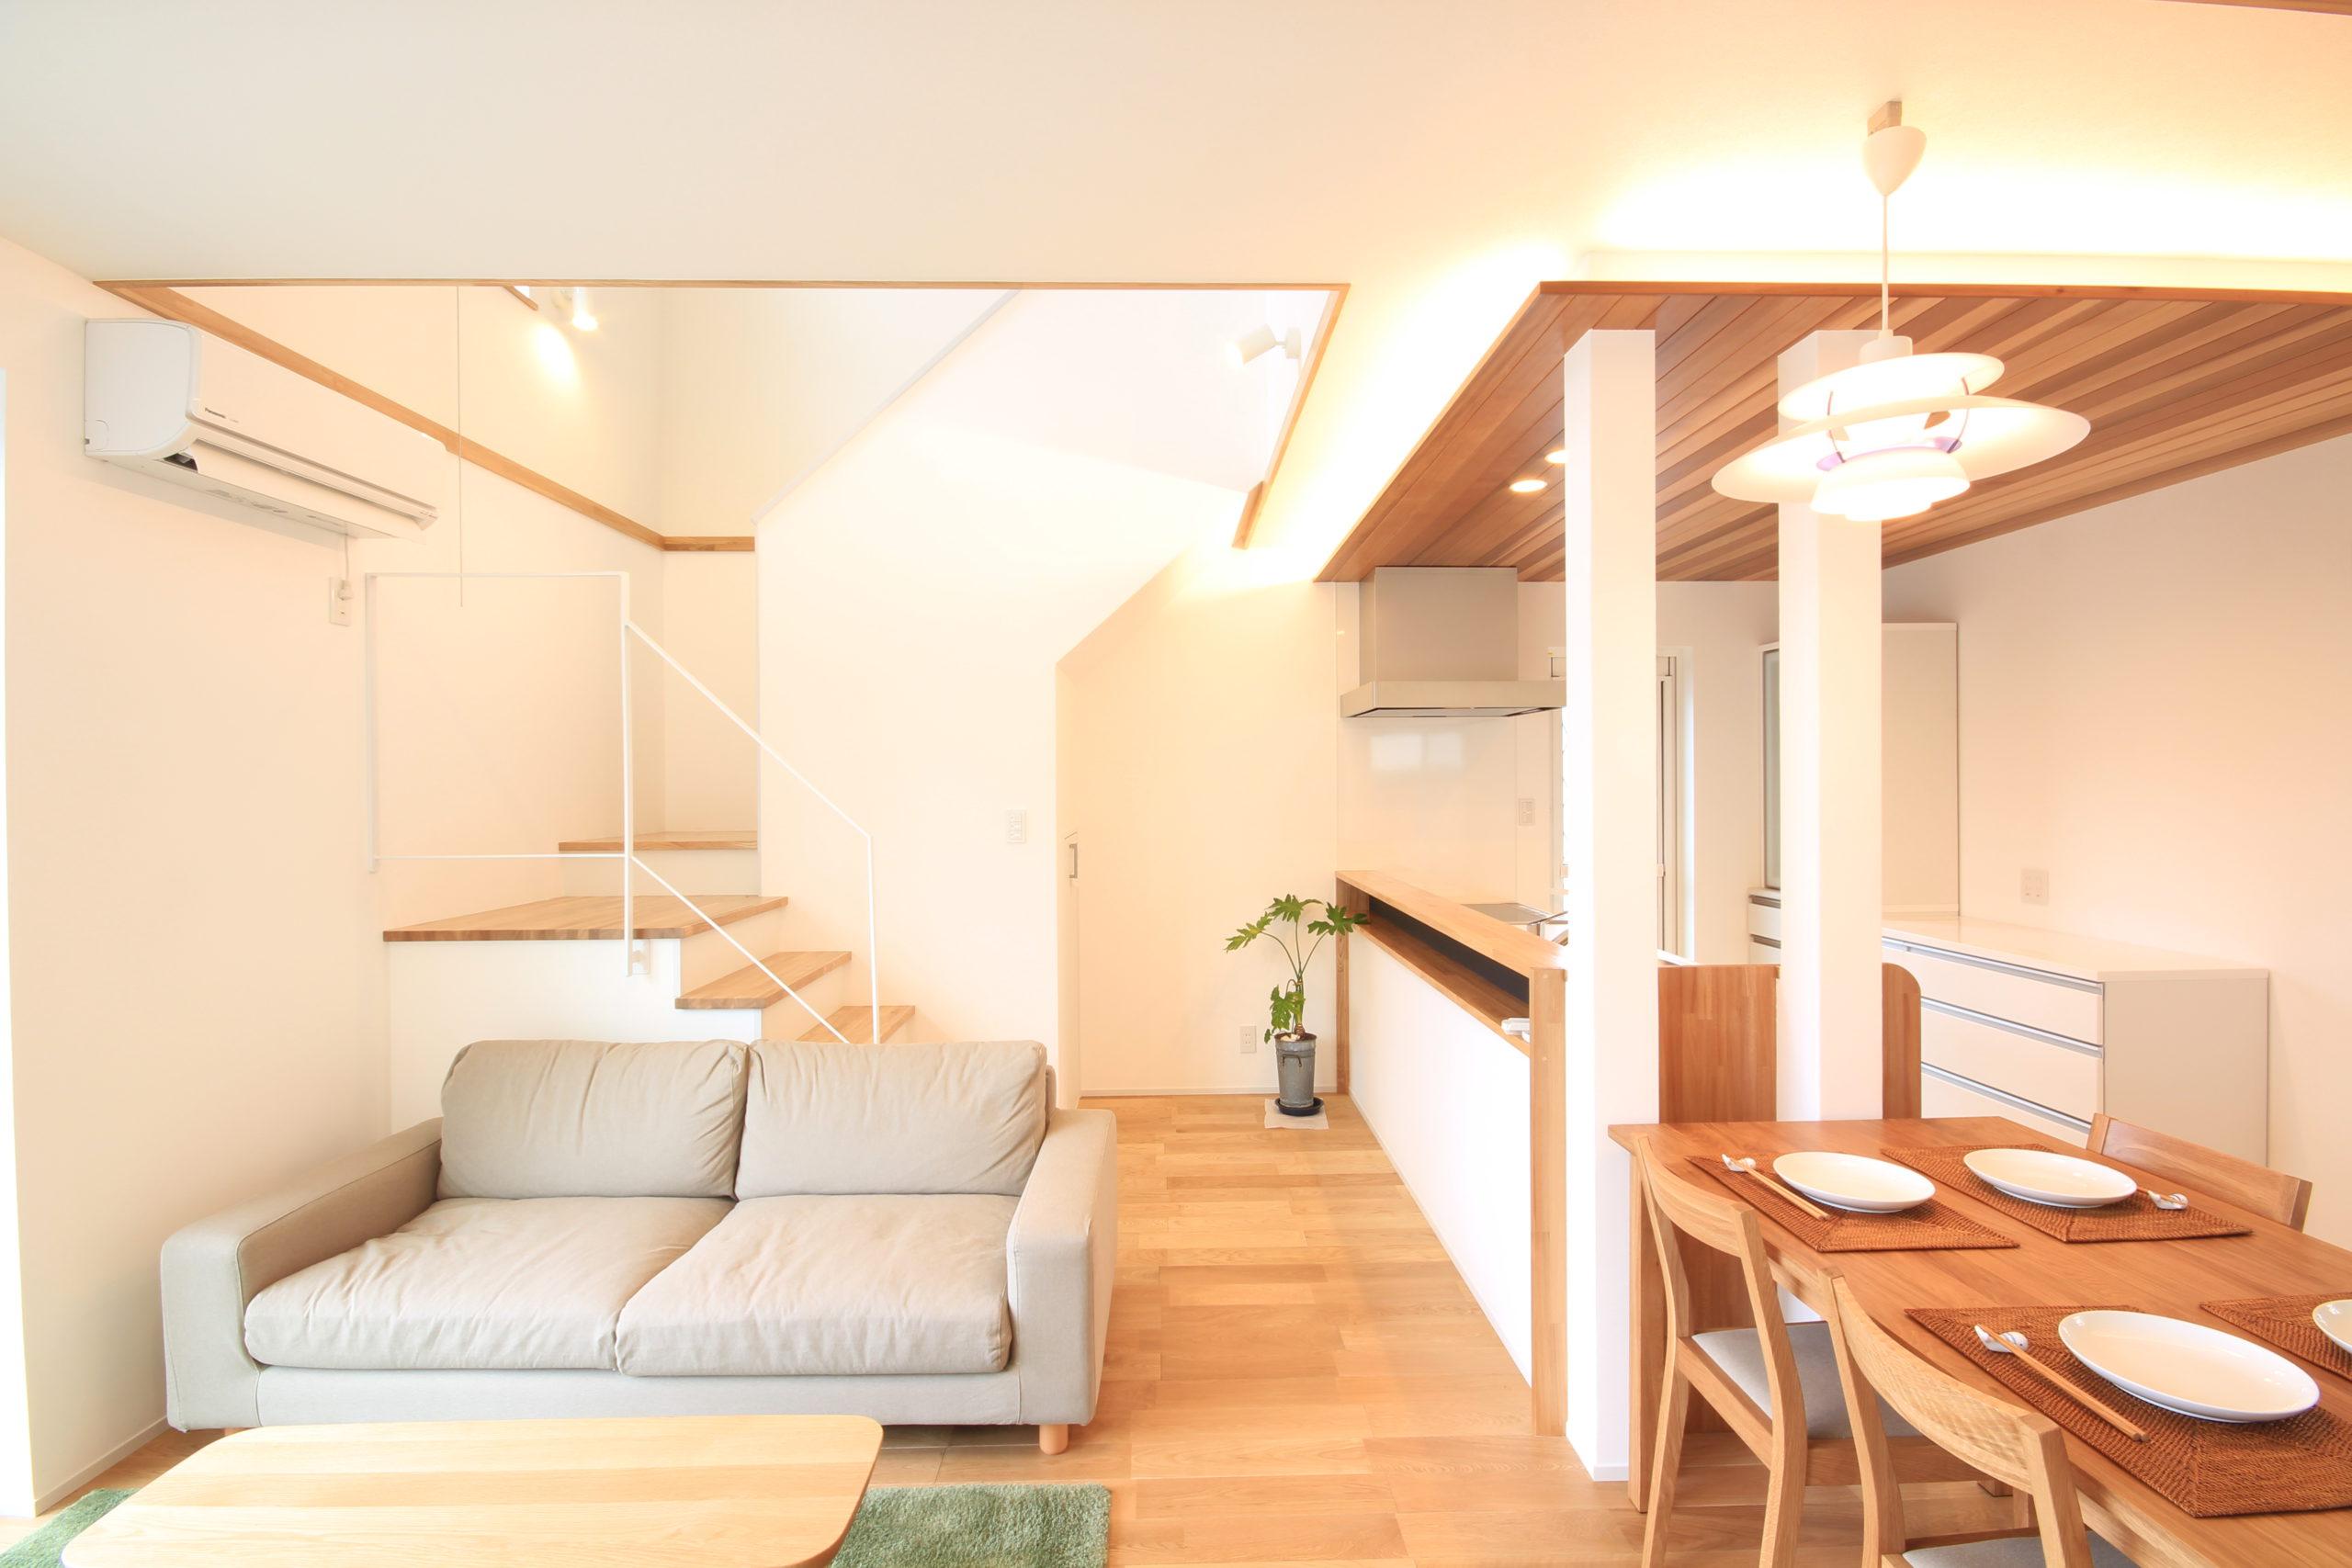 栃木県上三川の耐震住宅施工事例H邸のリビングと階段